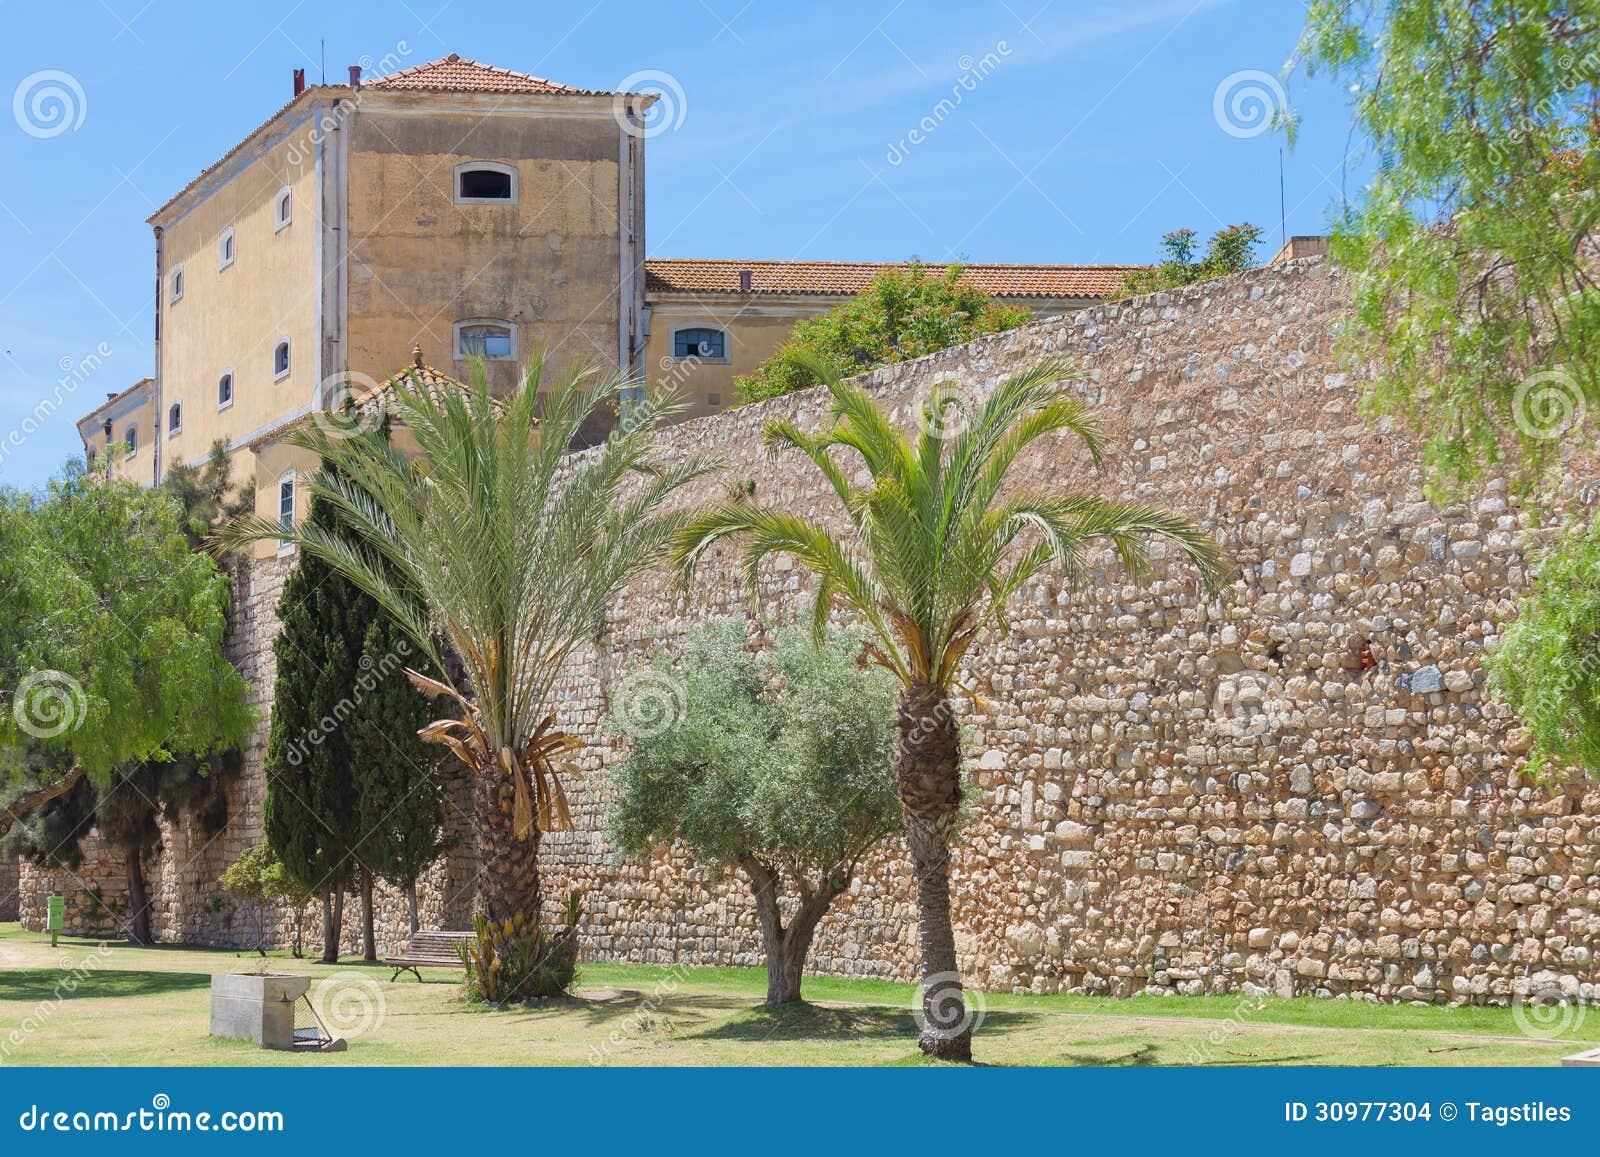 Download Portugal - Faro stockfoto. Bild von freizeit, idyllisch - 30977304